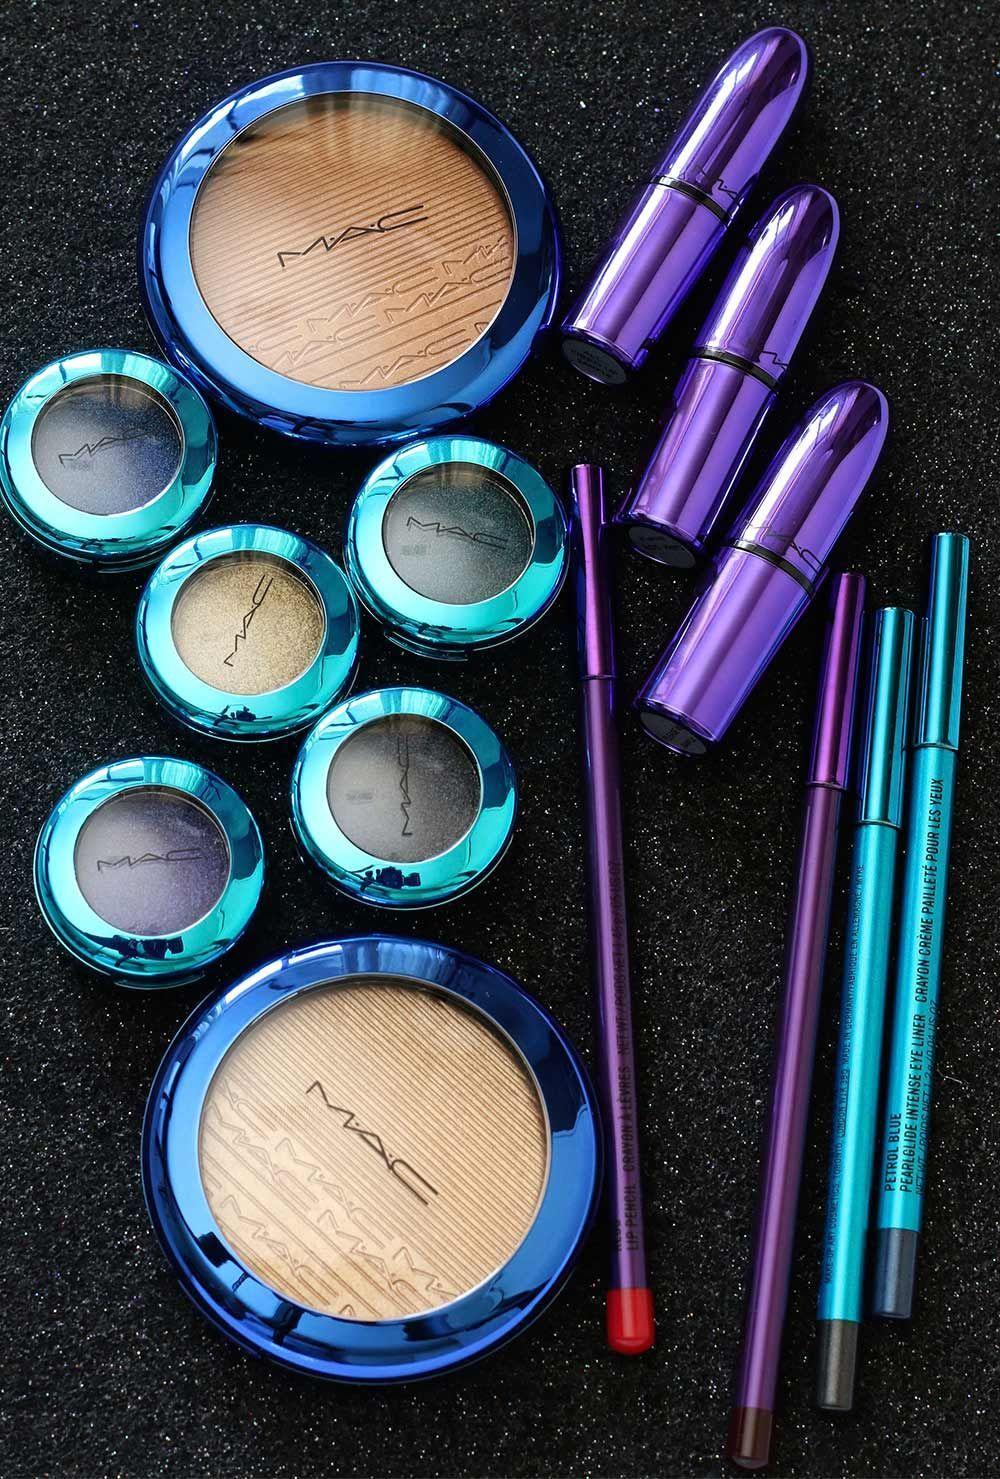 MAC Holiday 2015 Makeup and beauty blog, Mac makeup